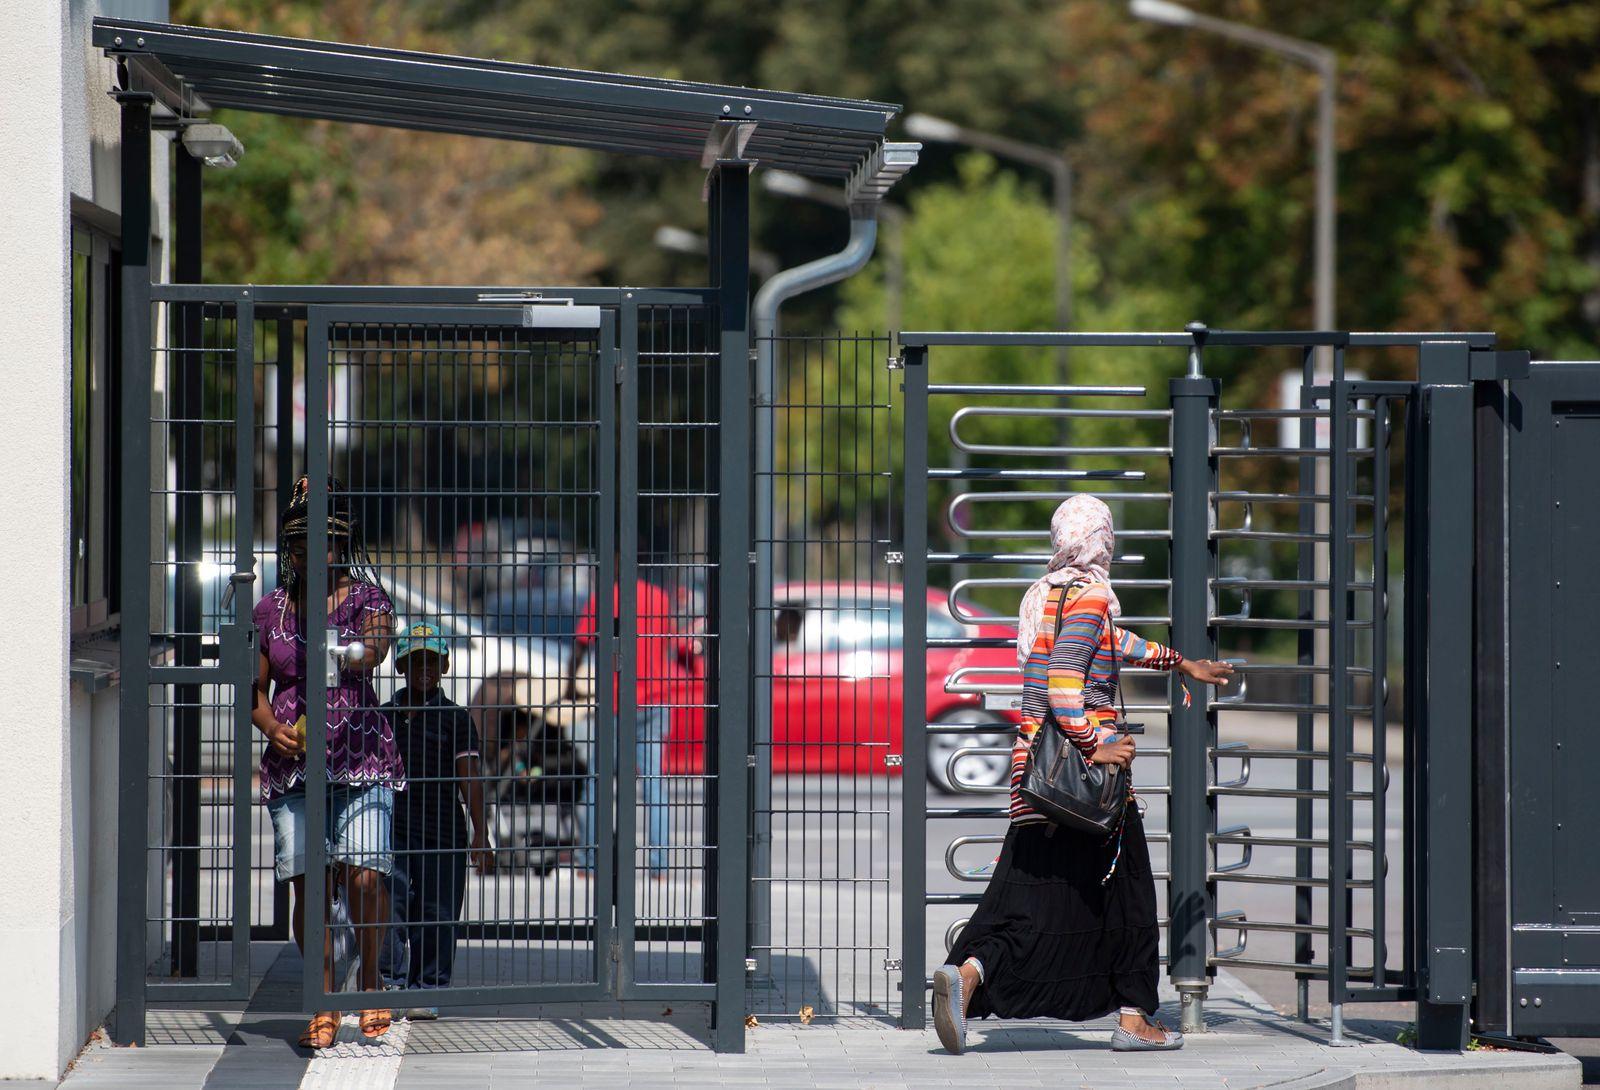 Begrüßungs- und Abschiebezentrum Asyl Bayern